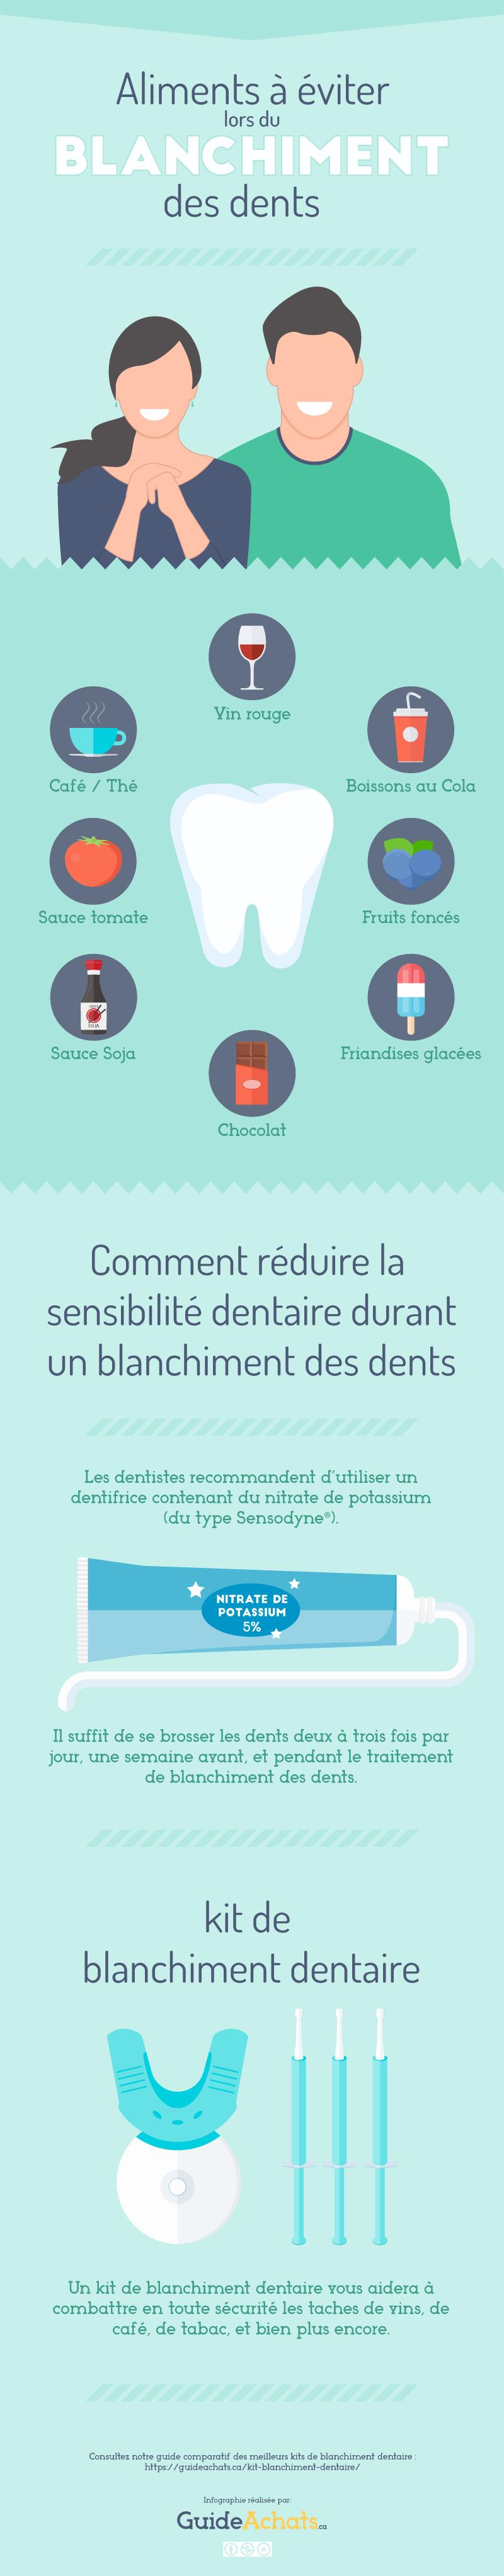 Aliments à éviter lors du blanchiment des dents